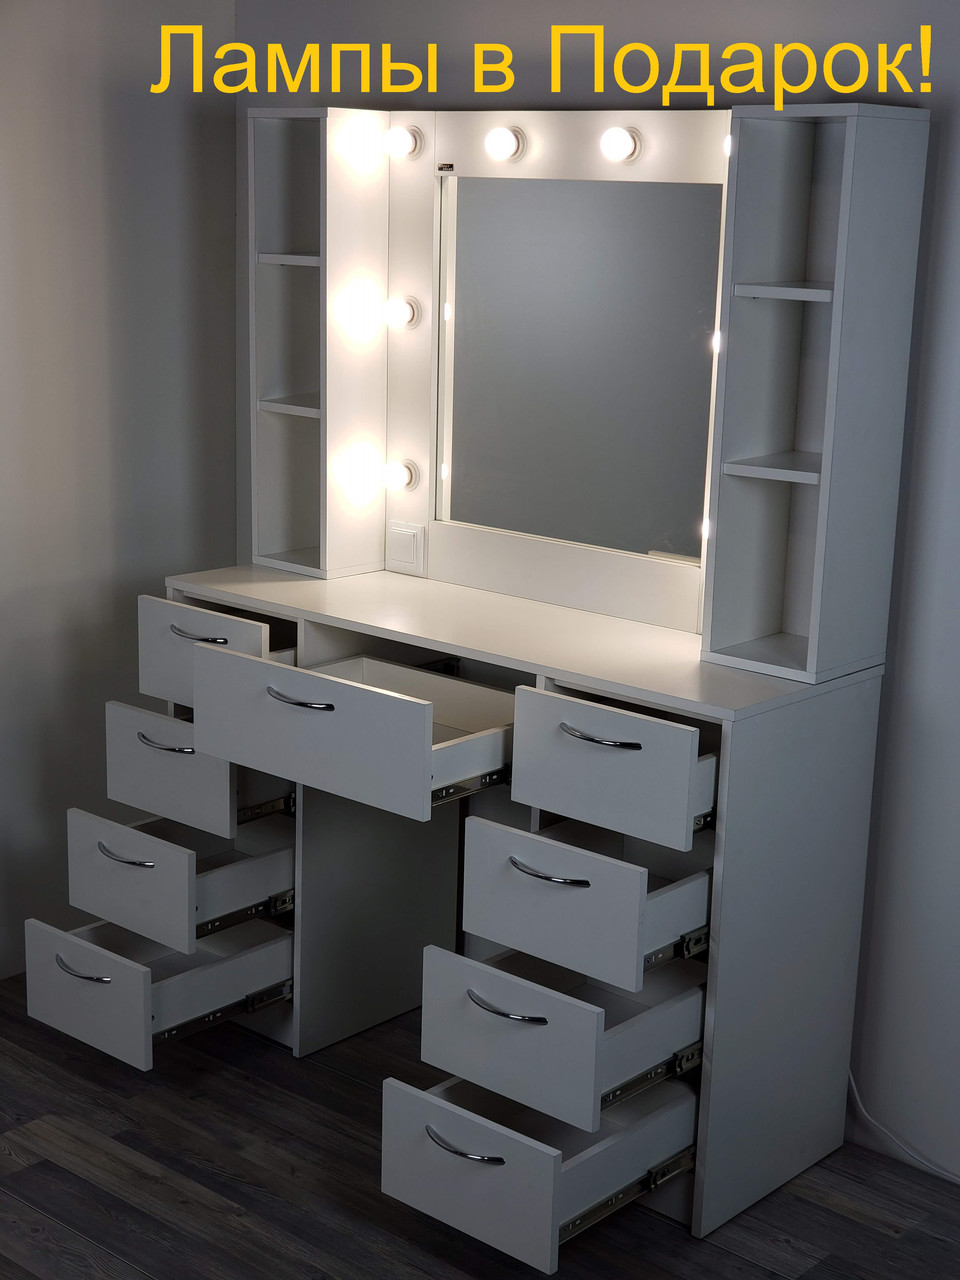 Акция! Гримерный туалетный столик для макияжа с зеркалом с лампочками с подсветкой для визажиста!